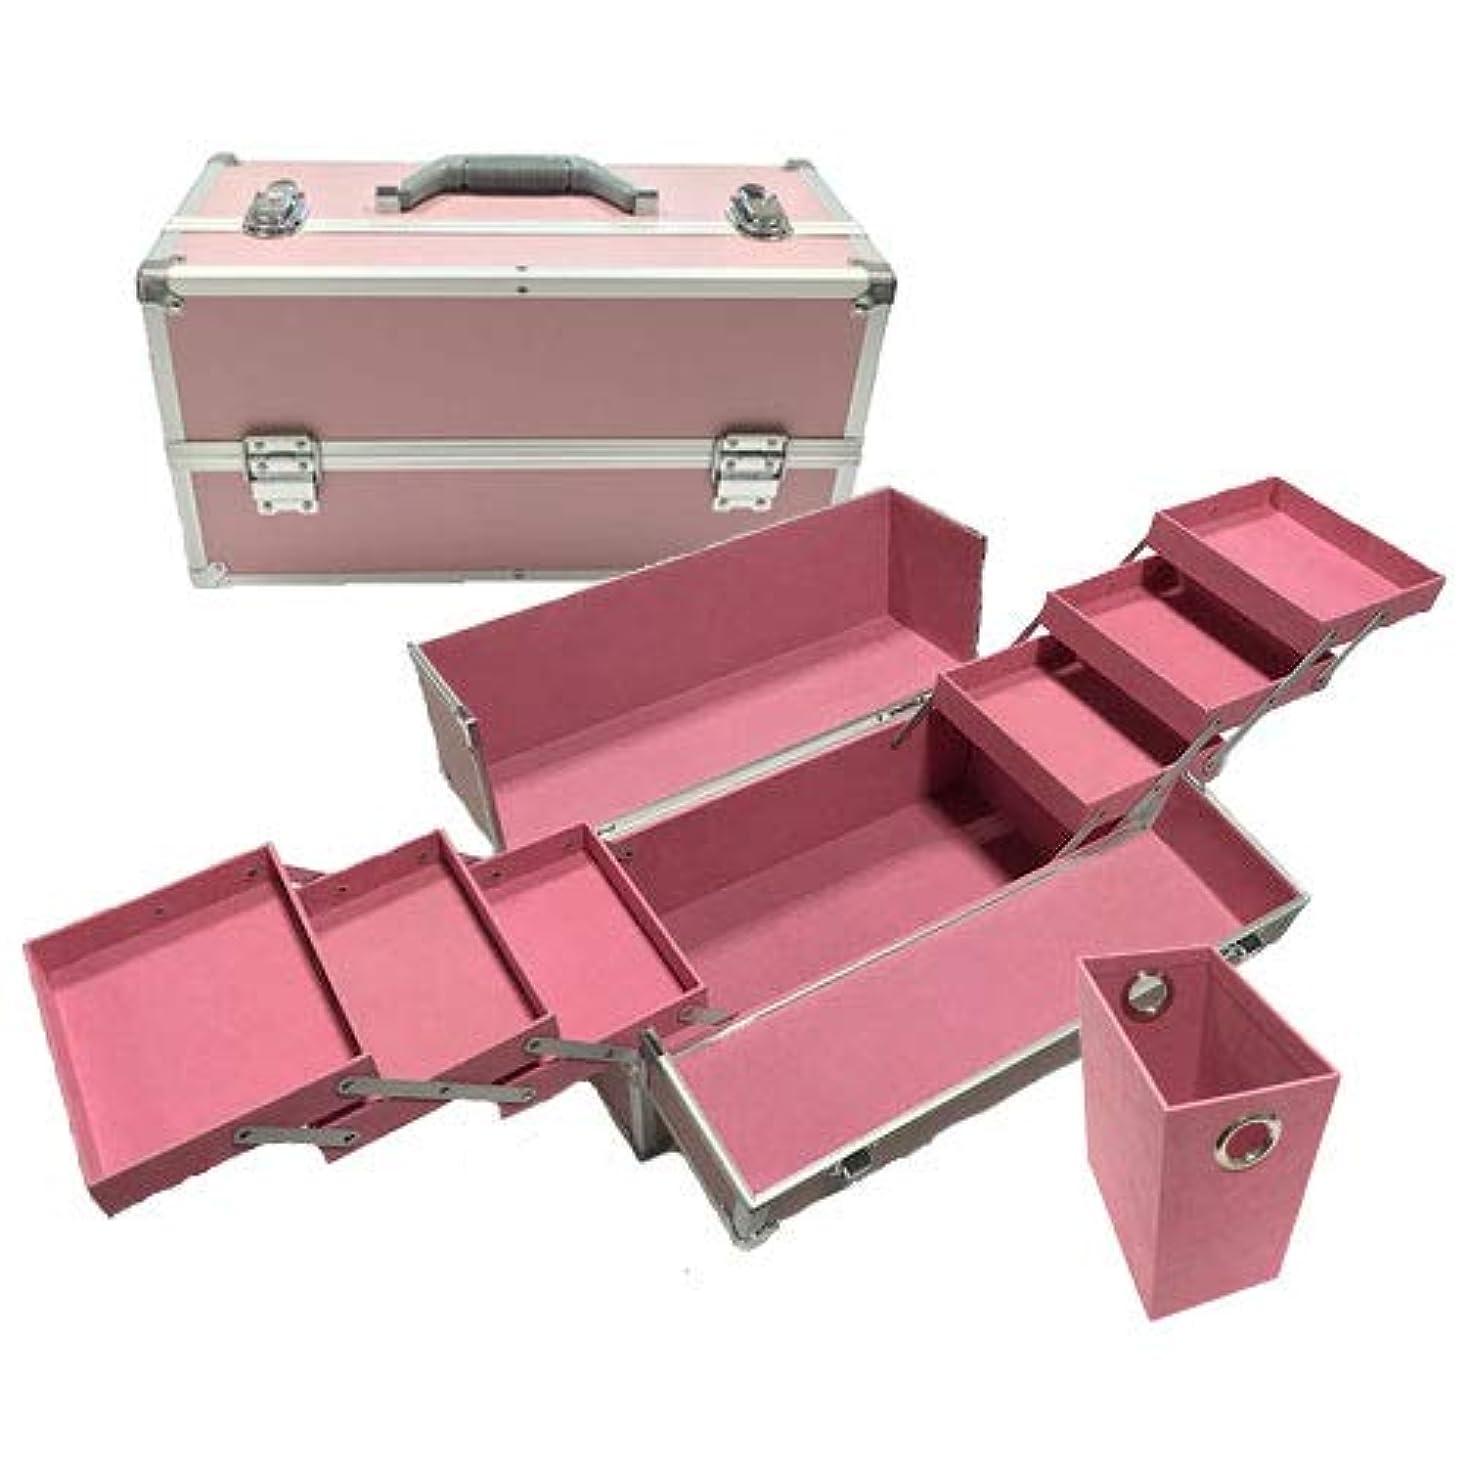 請求蜂行列リライアブル コスメボックス ワイド RB203-PP 鍵付き プロ仕様 メイクボックス 大容量 化粧品収納 小物入れ 6段トレー ベロア メイクケース コスメBOX 持ち運び ネイルケース